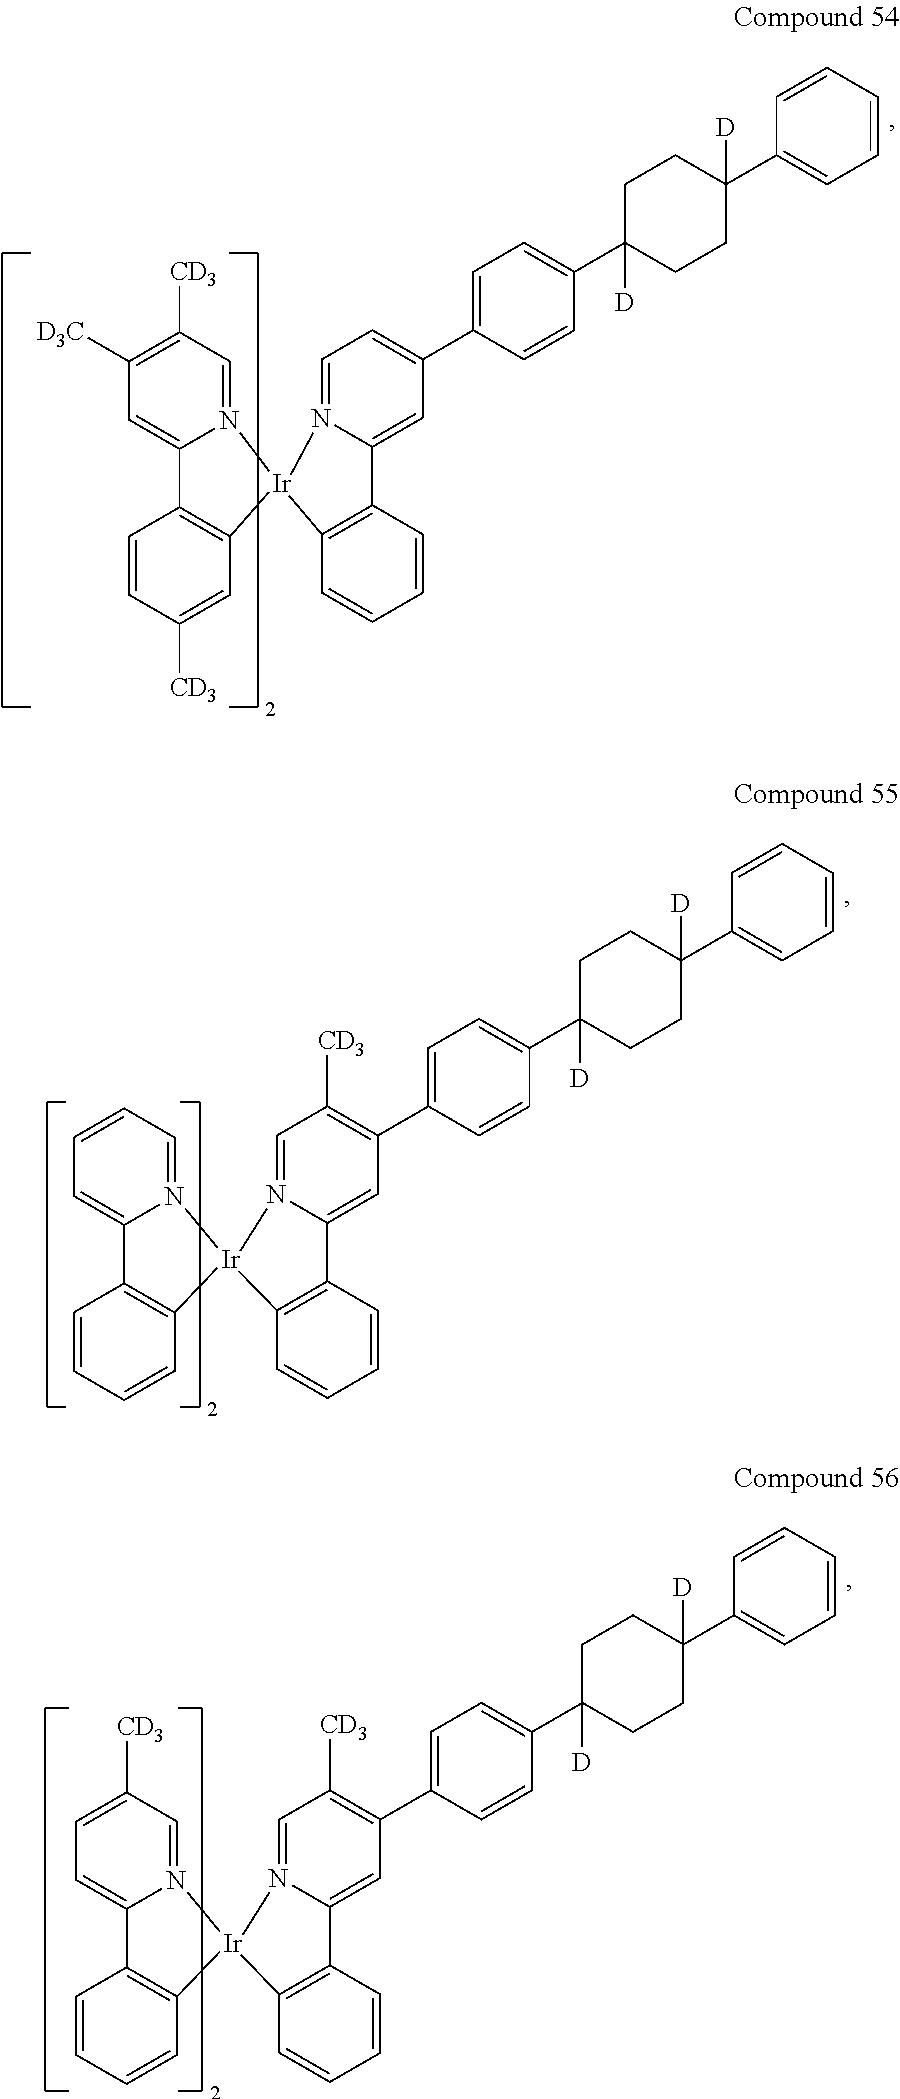 Figure US20180076393A1-20180315-C00039